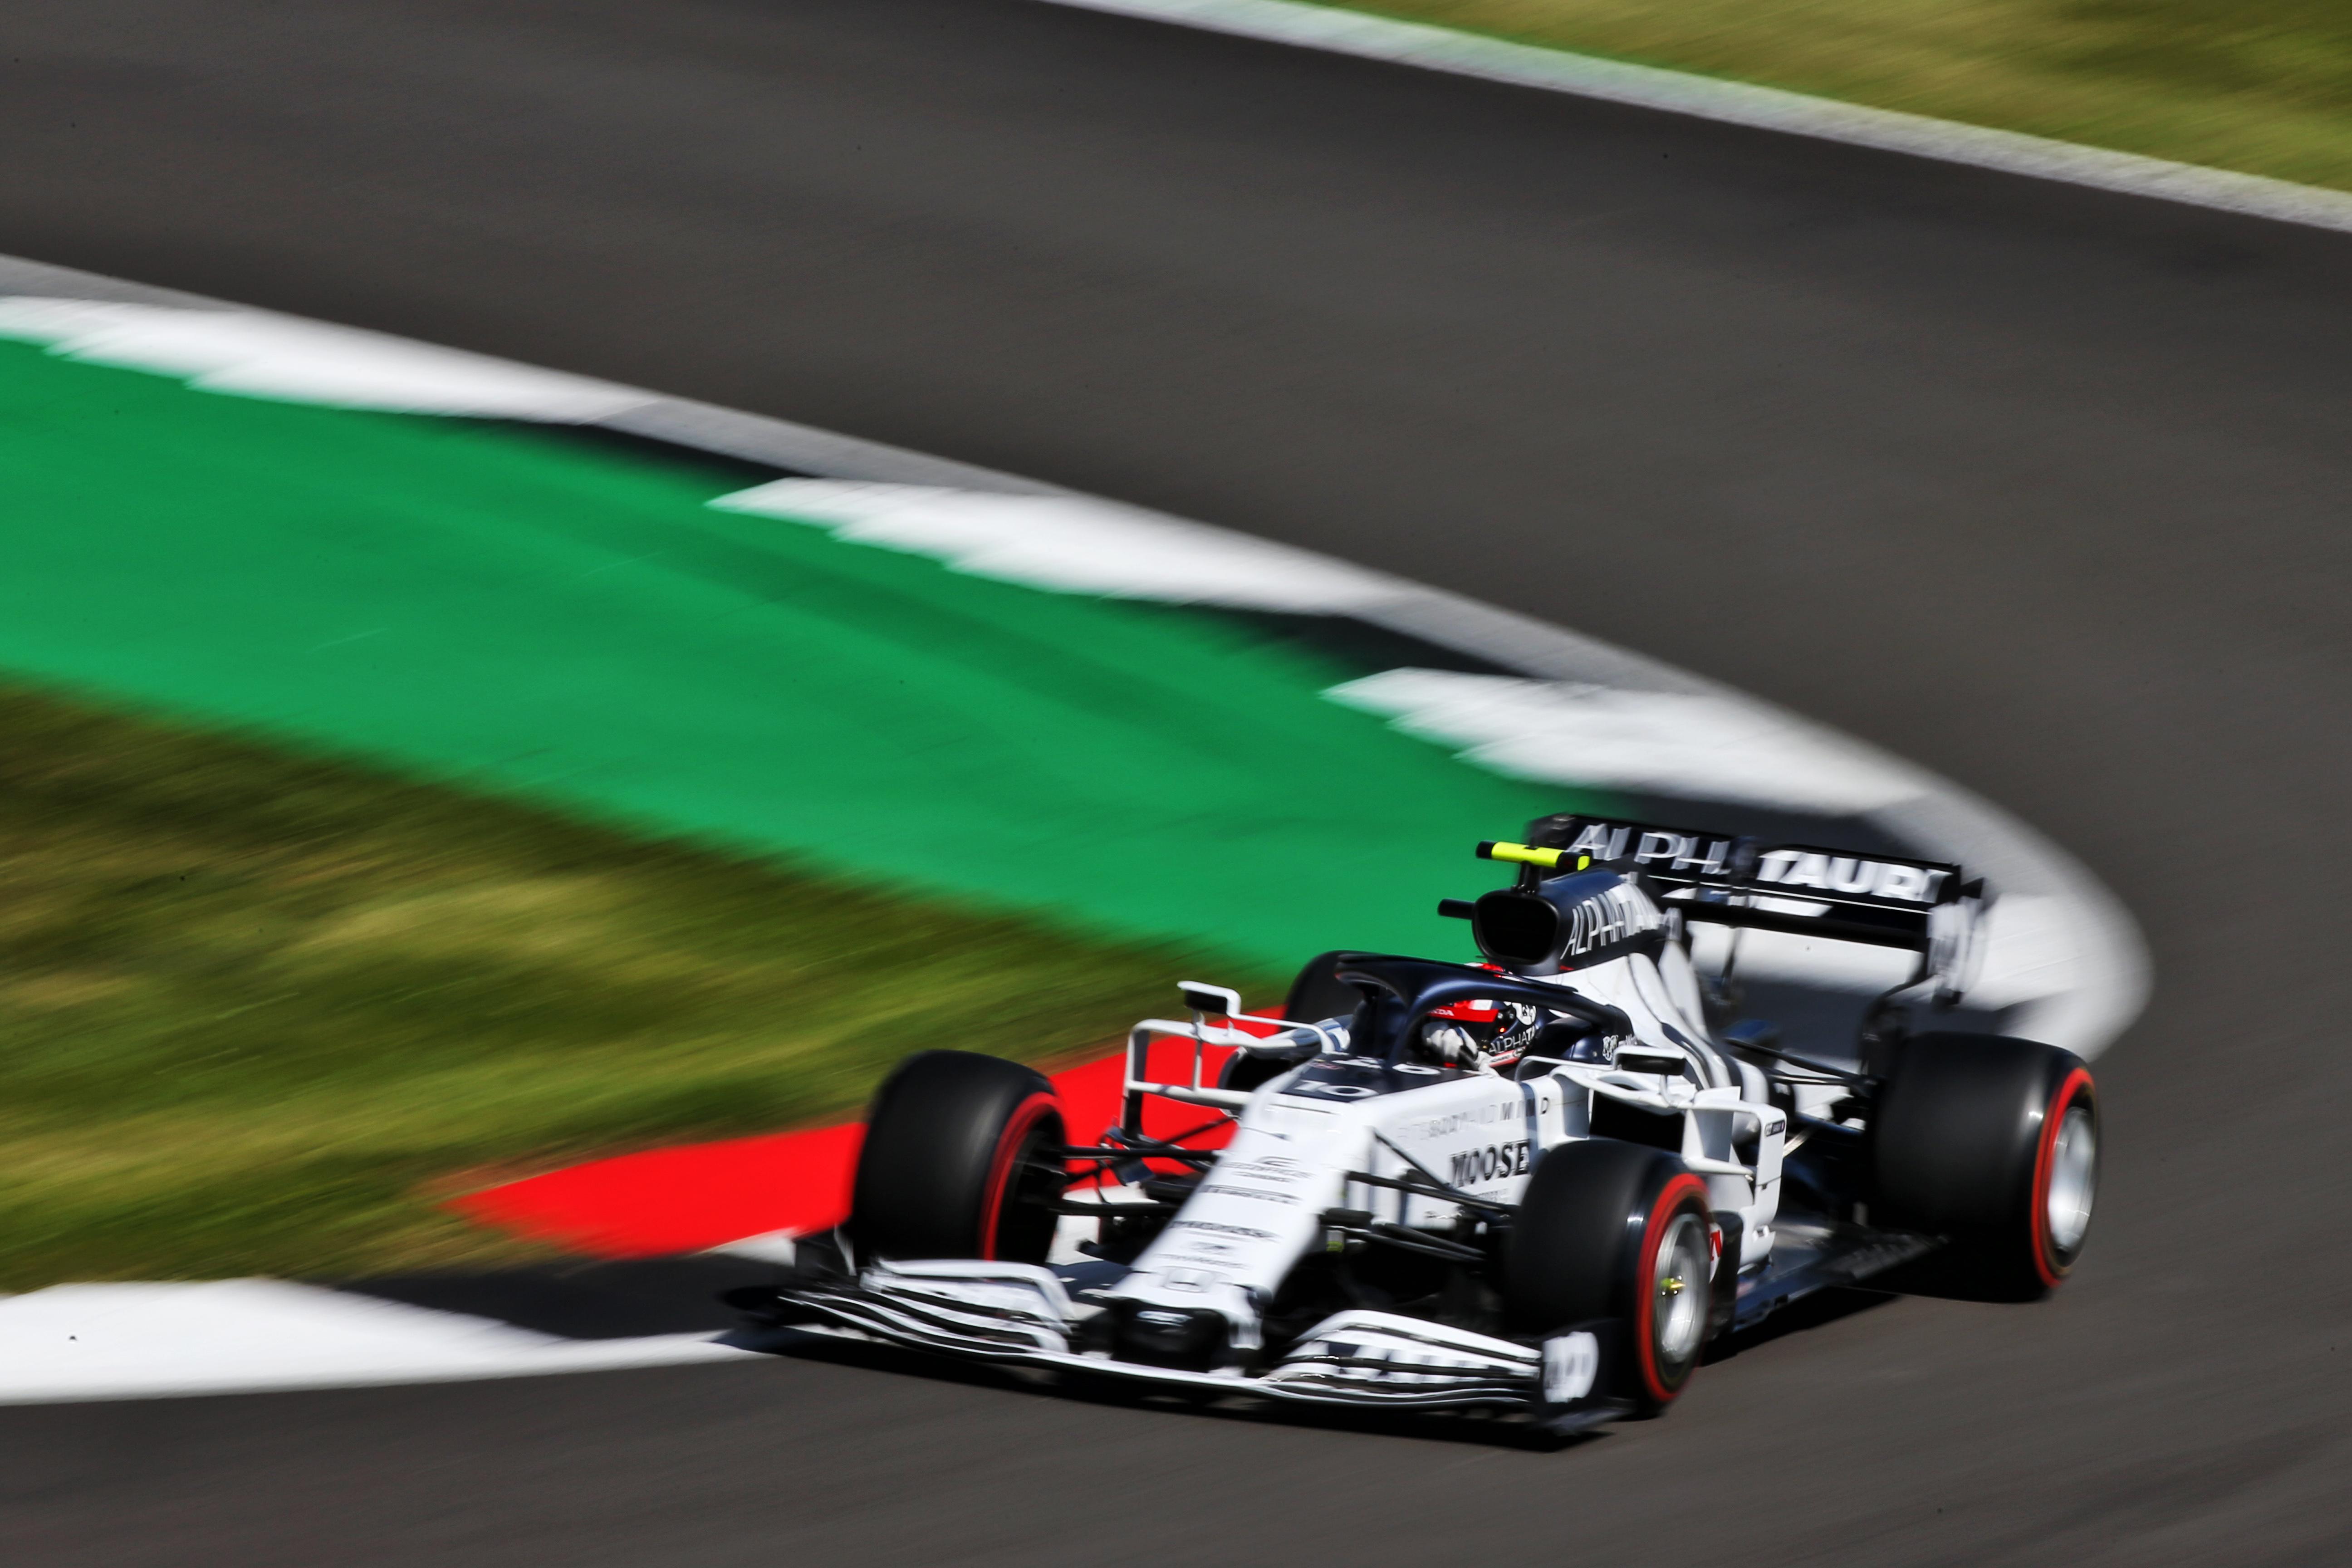 Pierre Gasly AlphaTauri British Grand Prix 2020 Silverstone